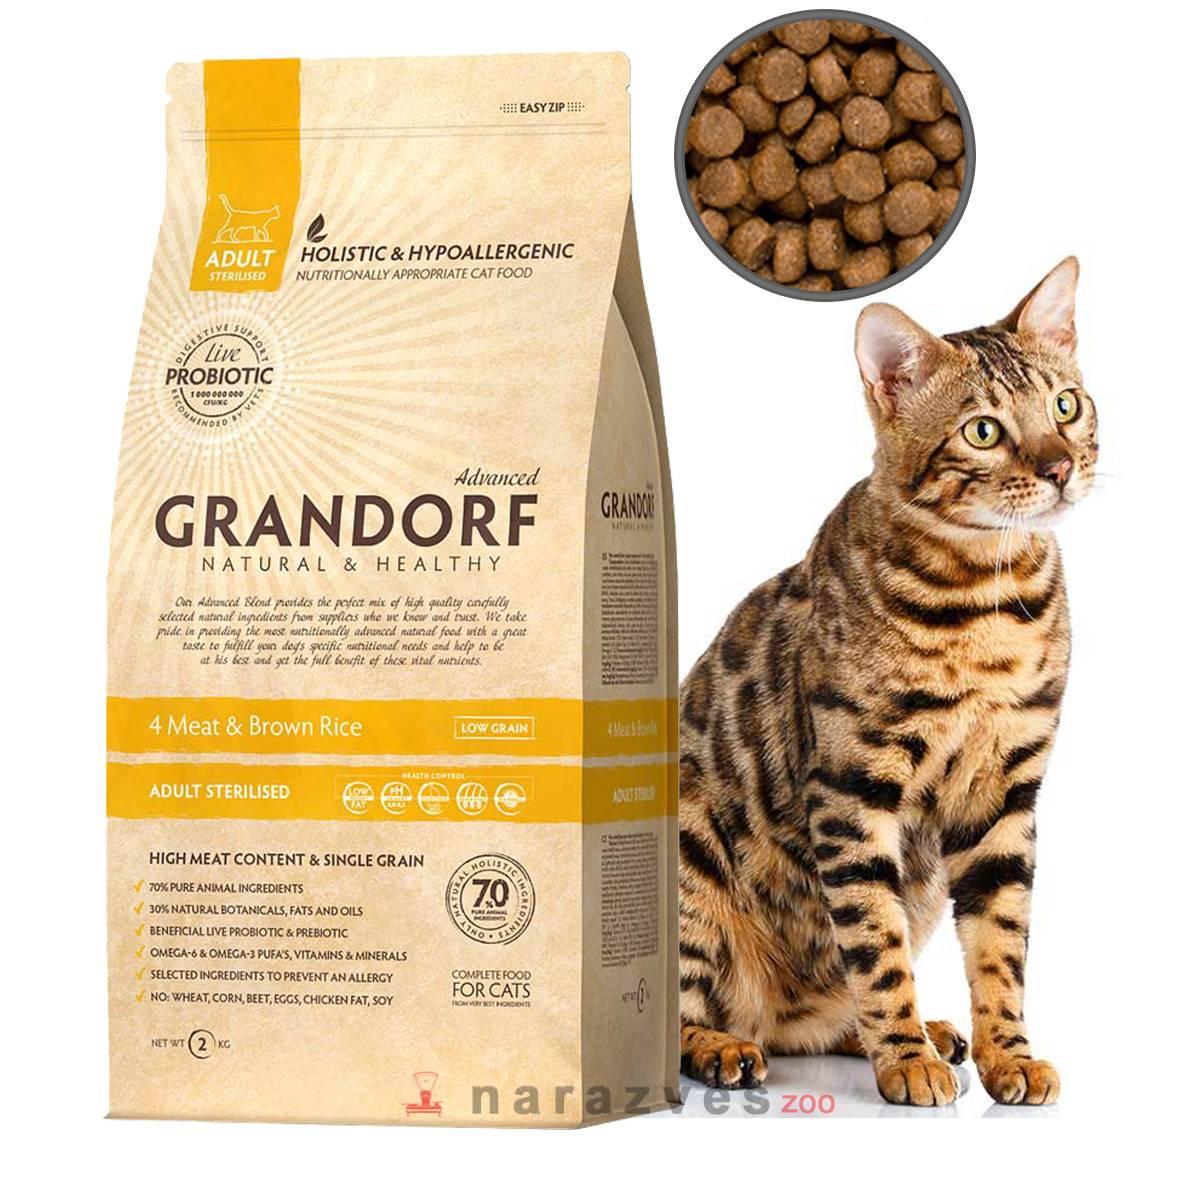 Корм грандорф для кошек – где производят, состав, основные виды питания и норма